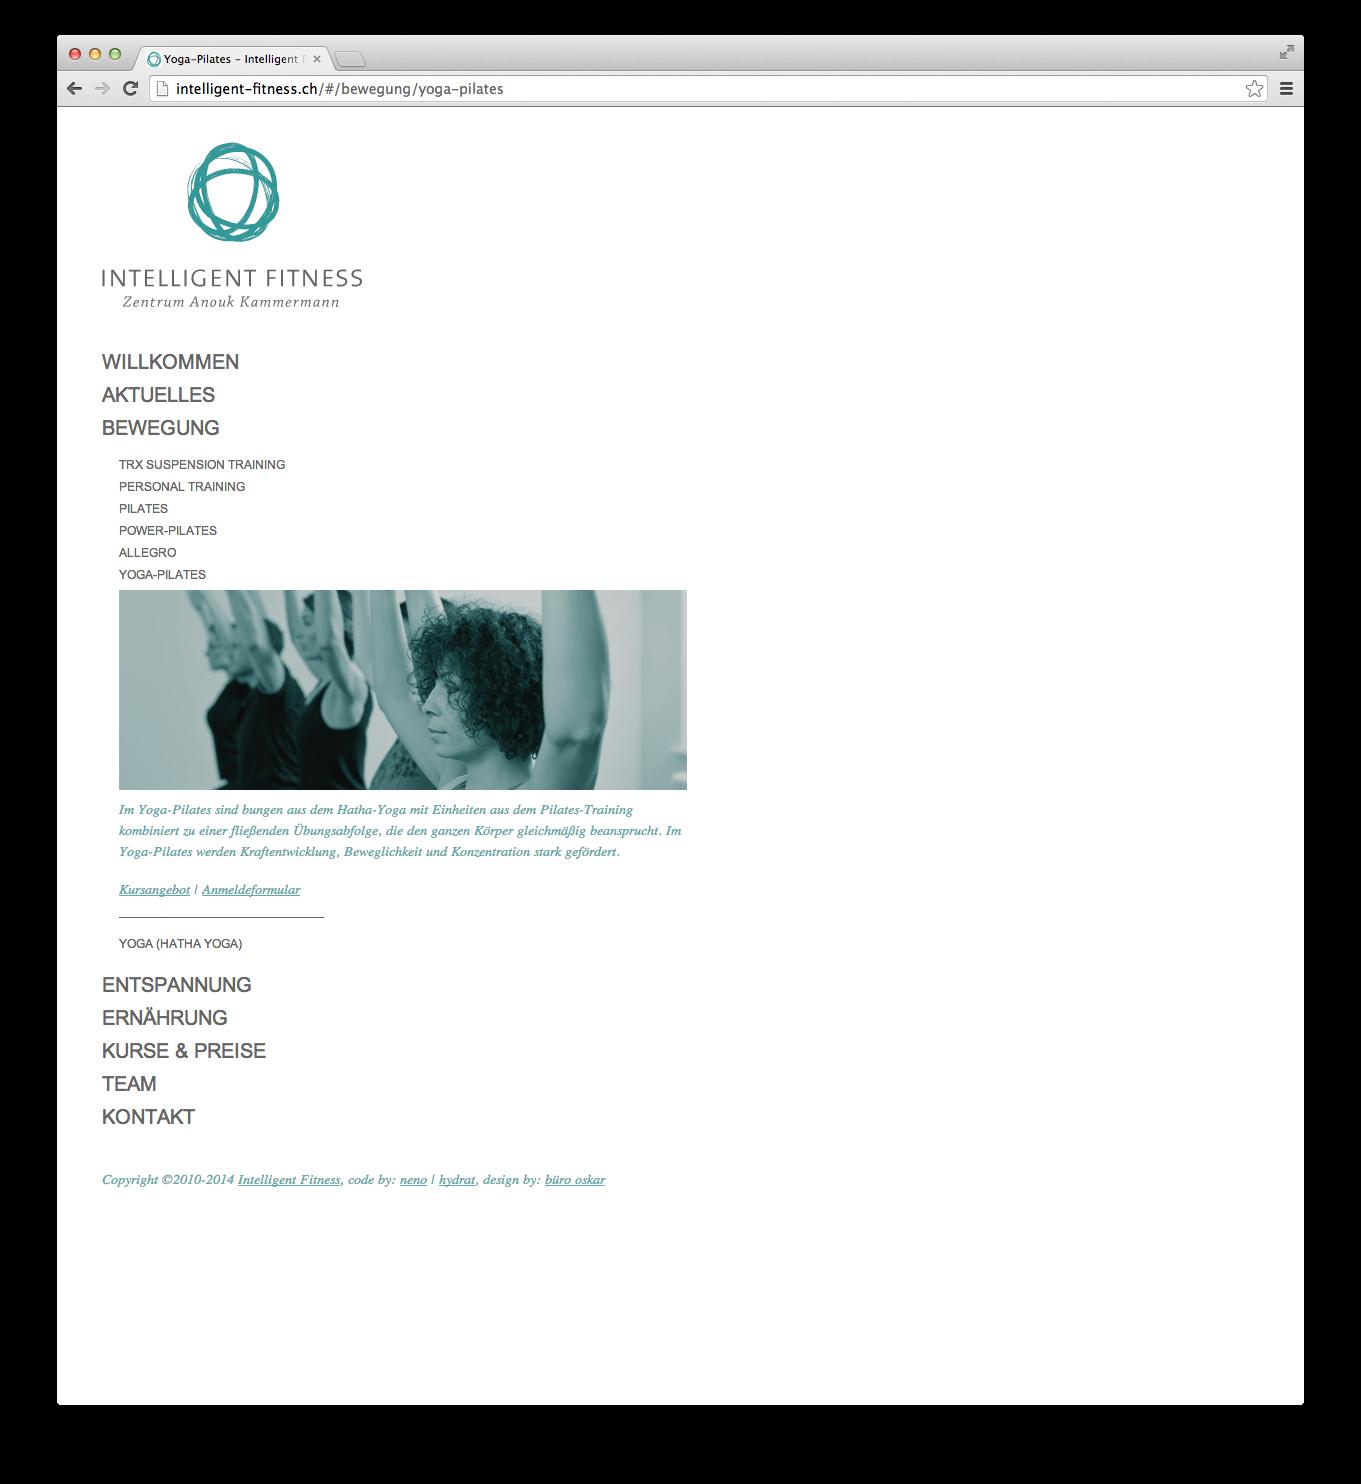 Bildschirmfoto 2014-01-29 um 15.31.35.png